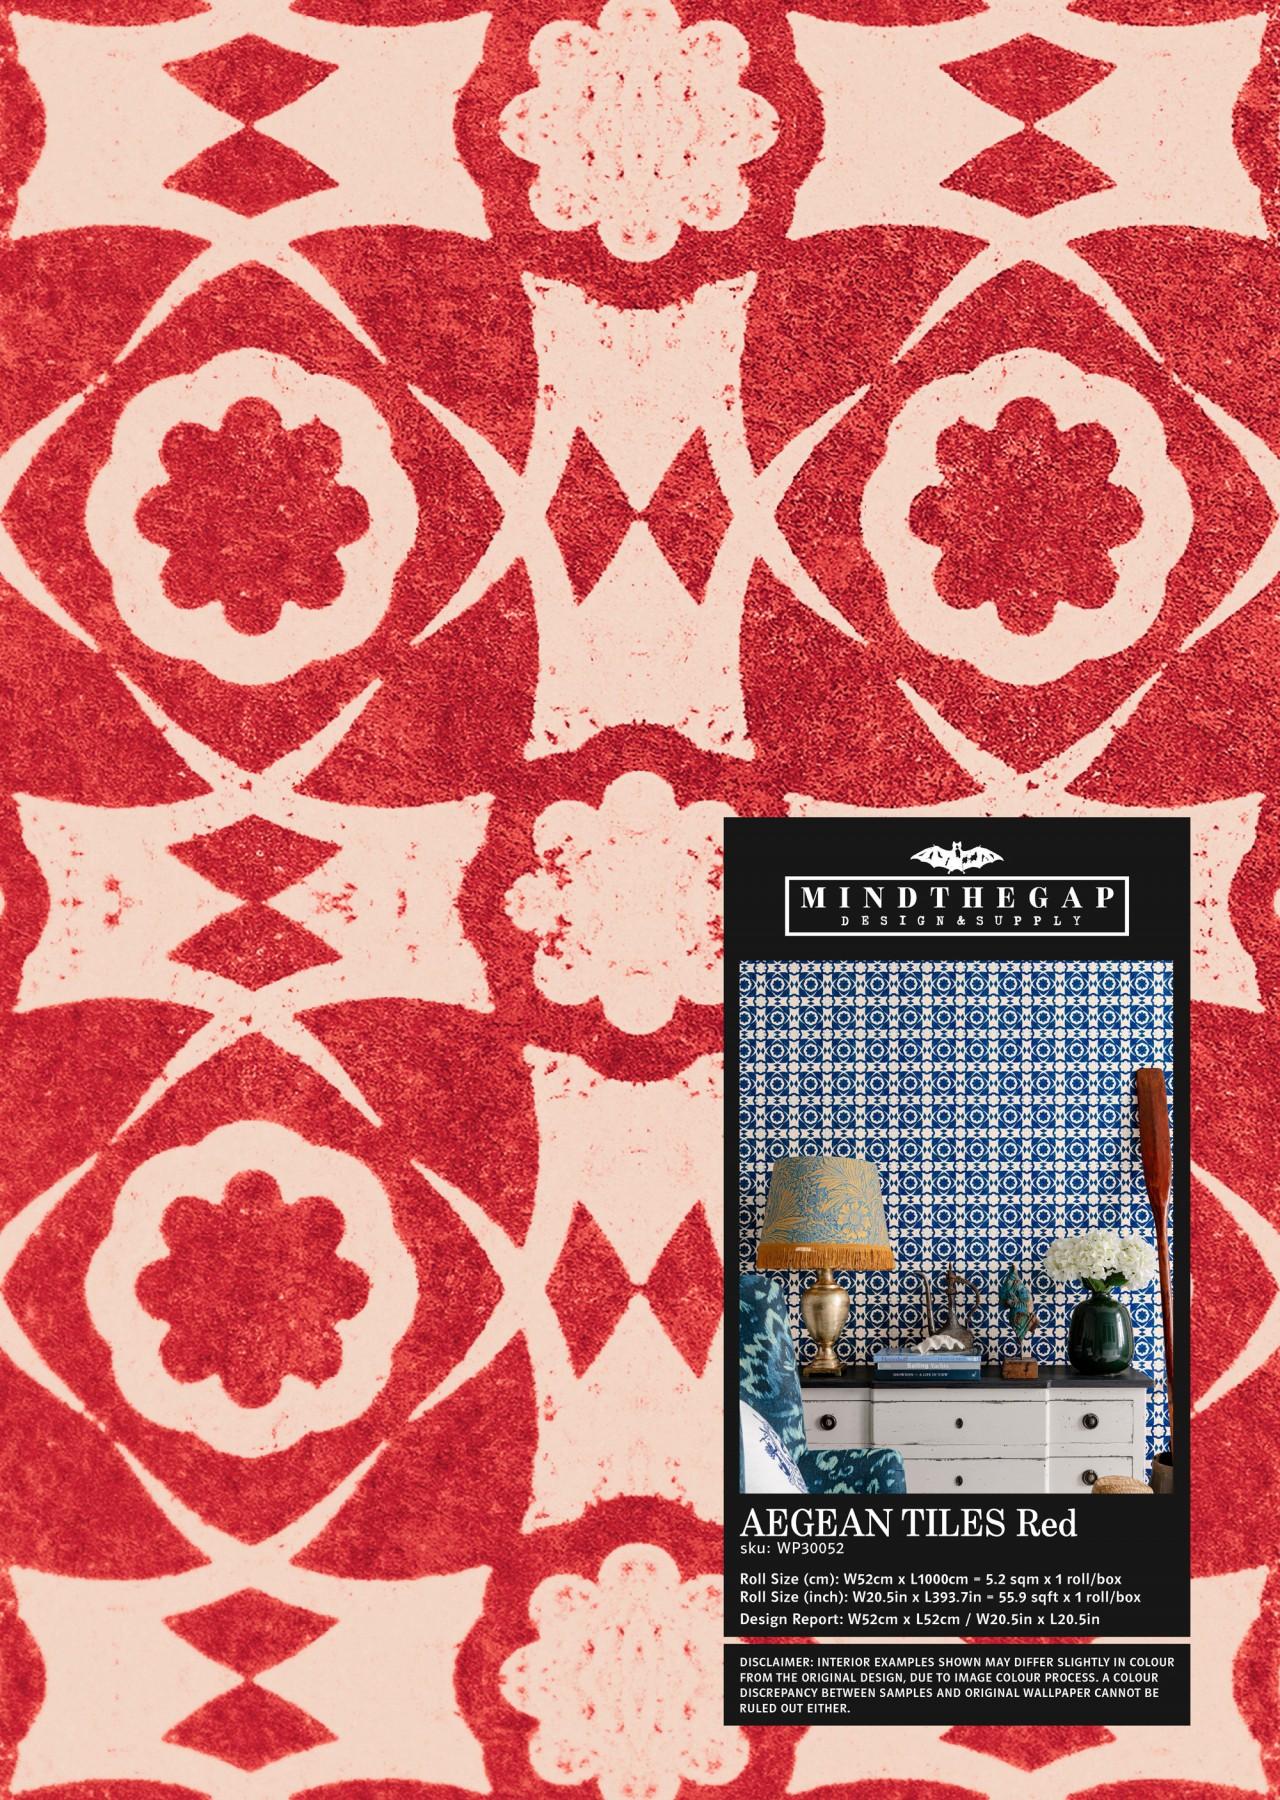 AEGEAN TILES Red Wallpaper Sample